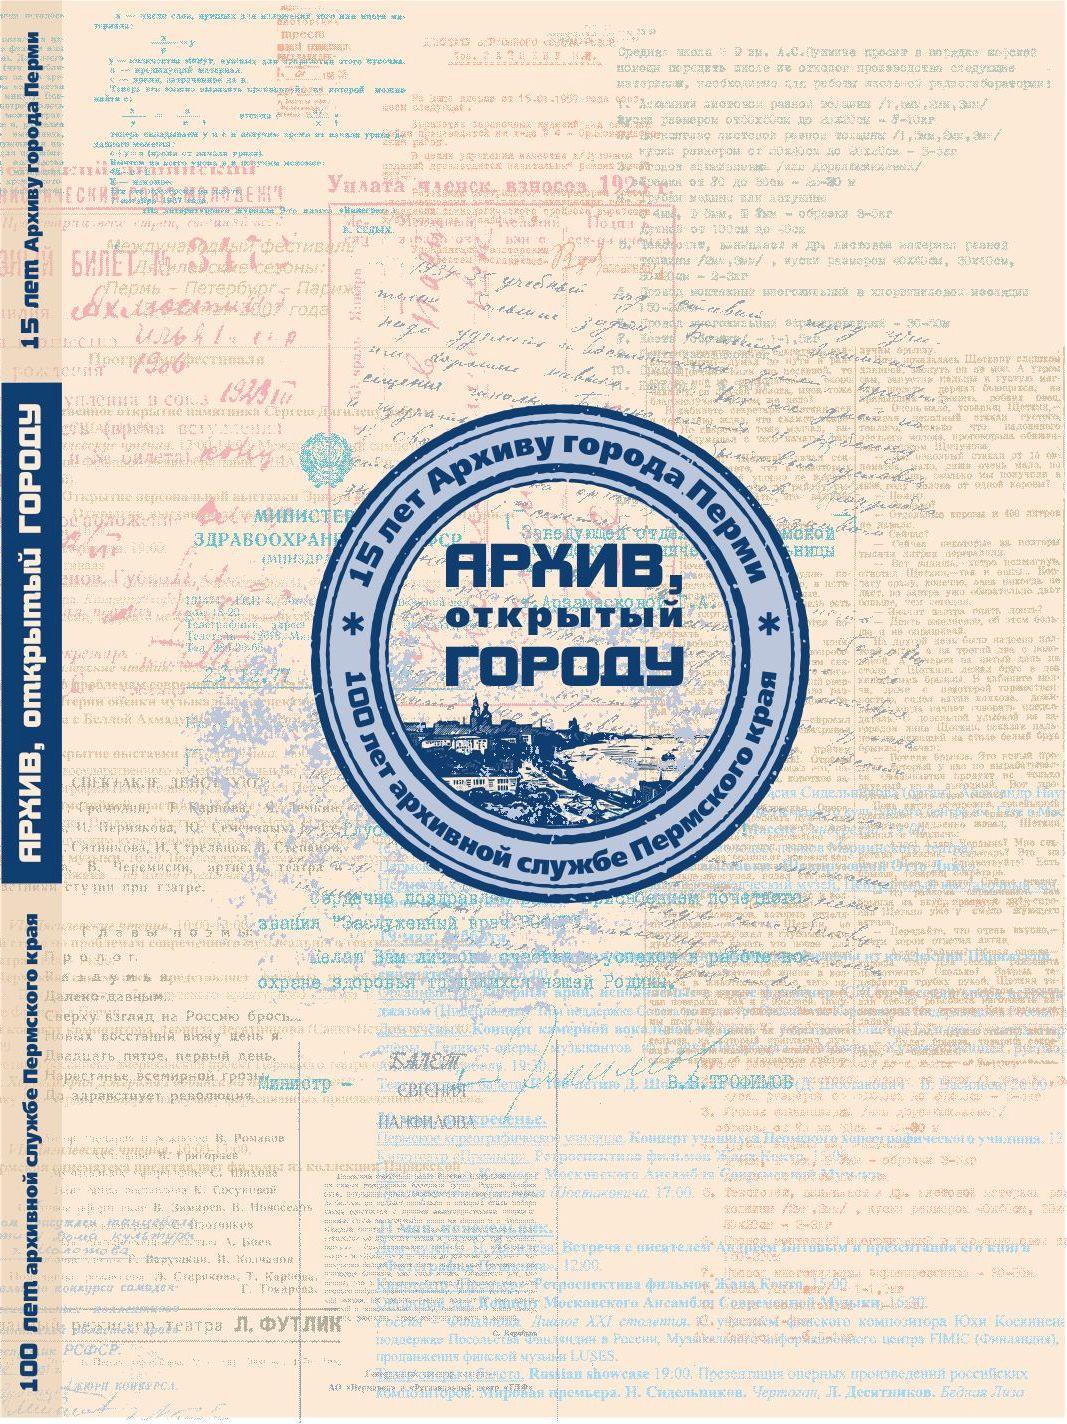 """Обложка издания """"Архив, открытый городу"""""""